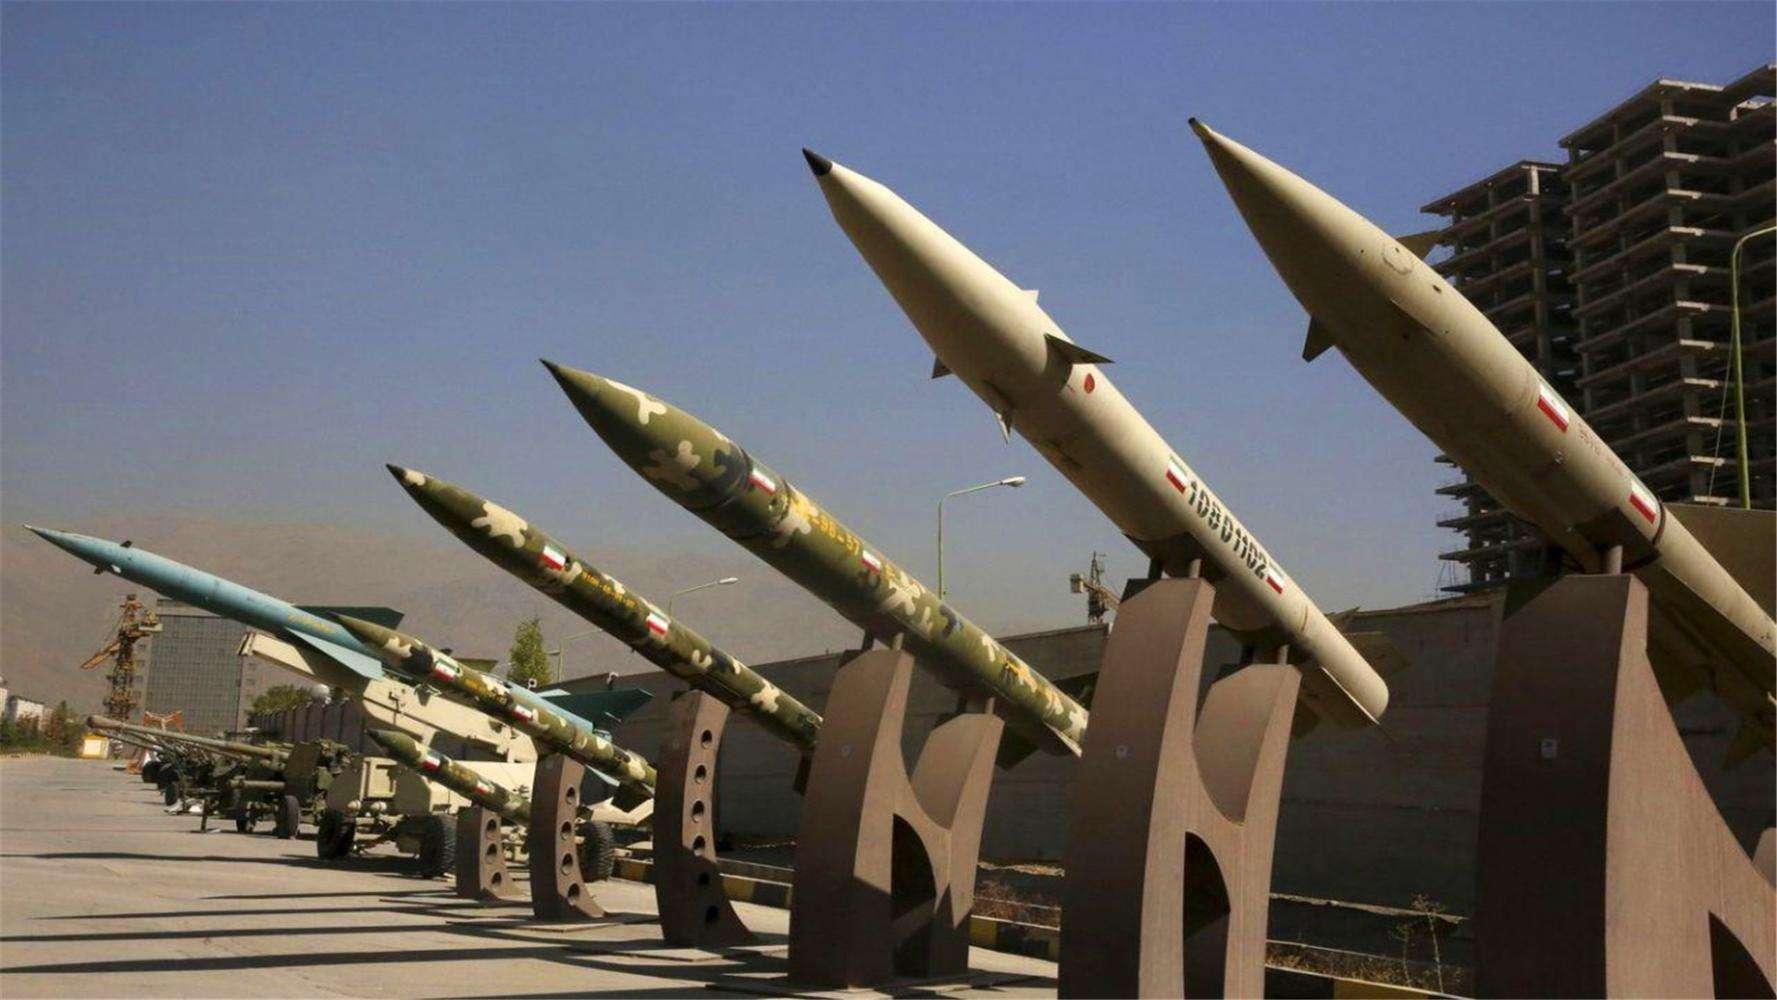 美军事先掐断GPS,为何伊朗导弹还能打得那么准?答案揭晓